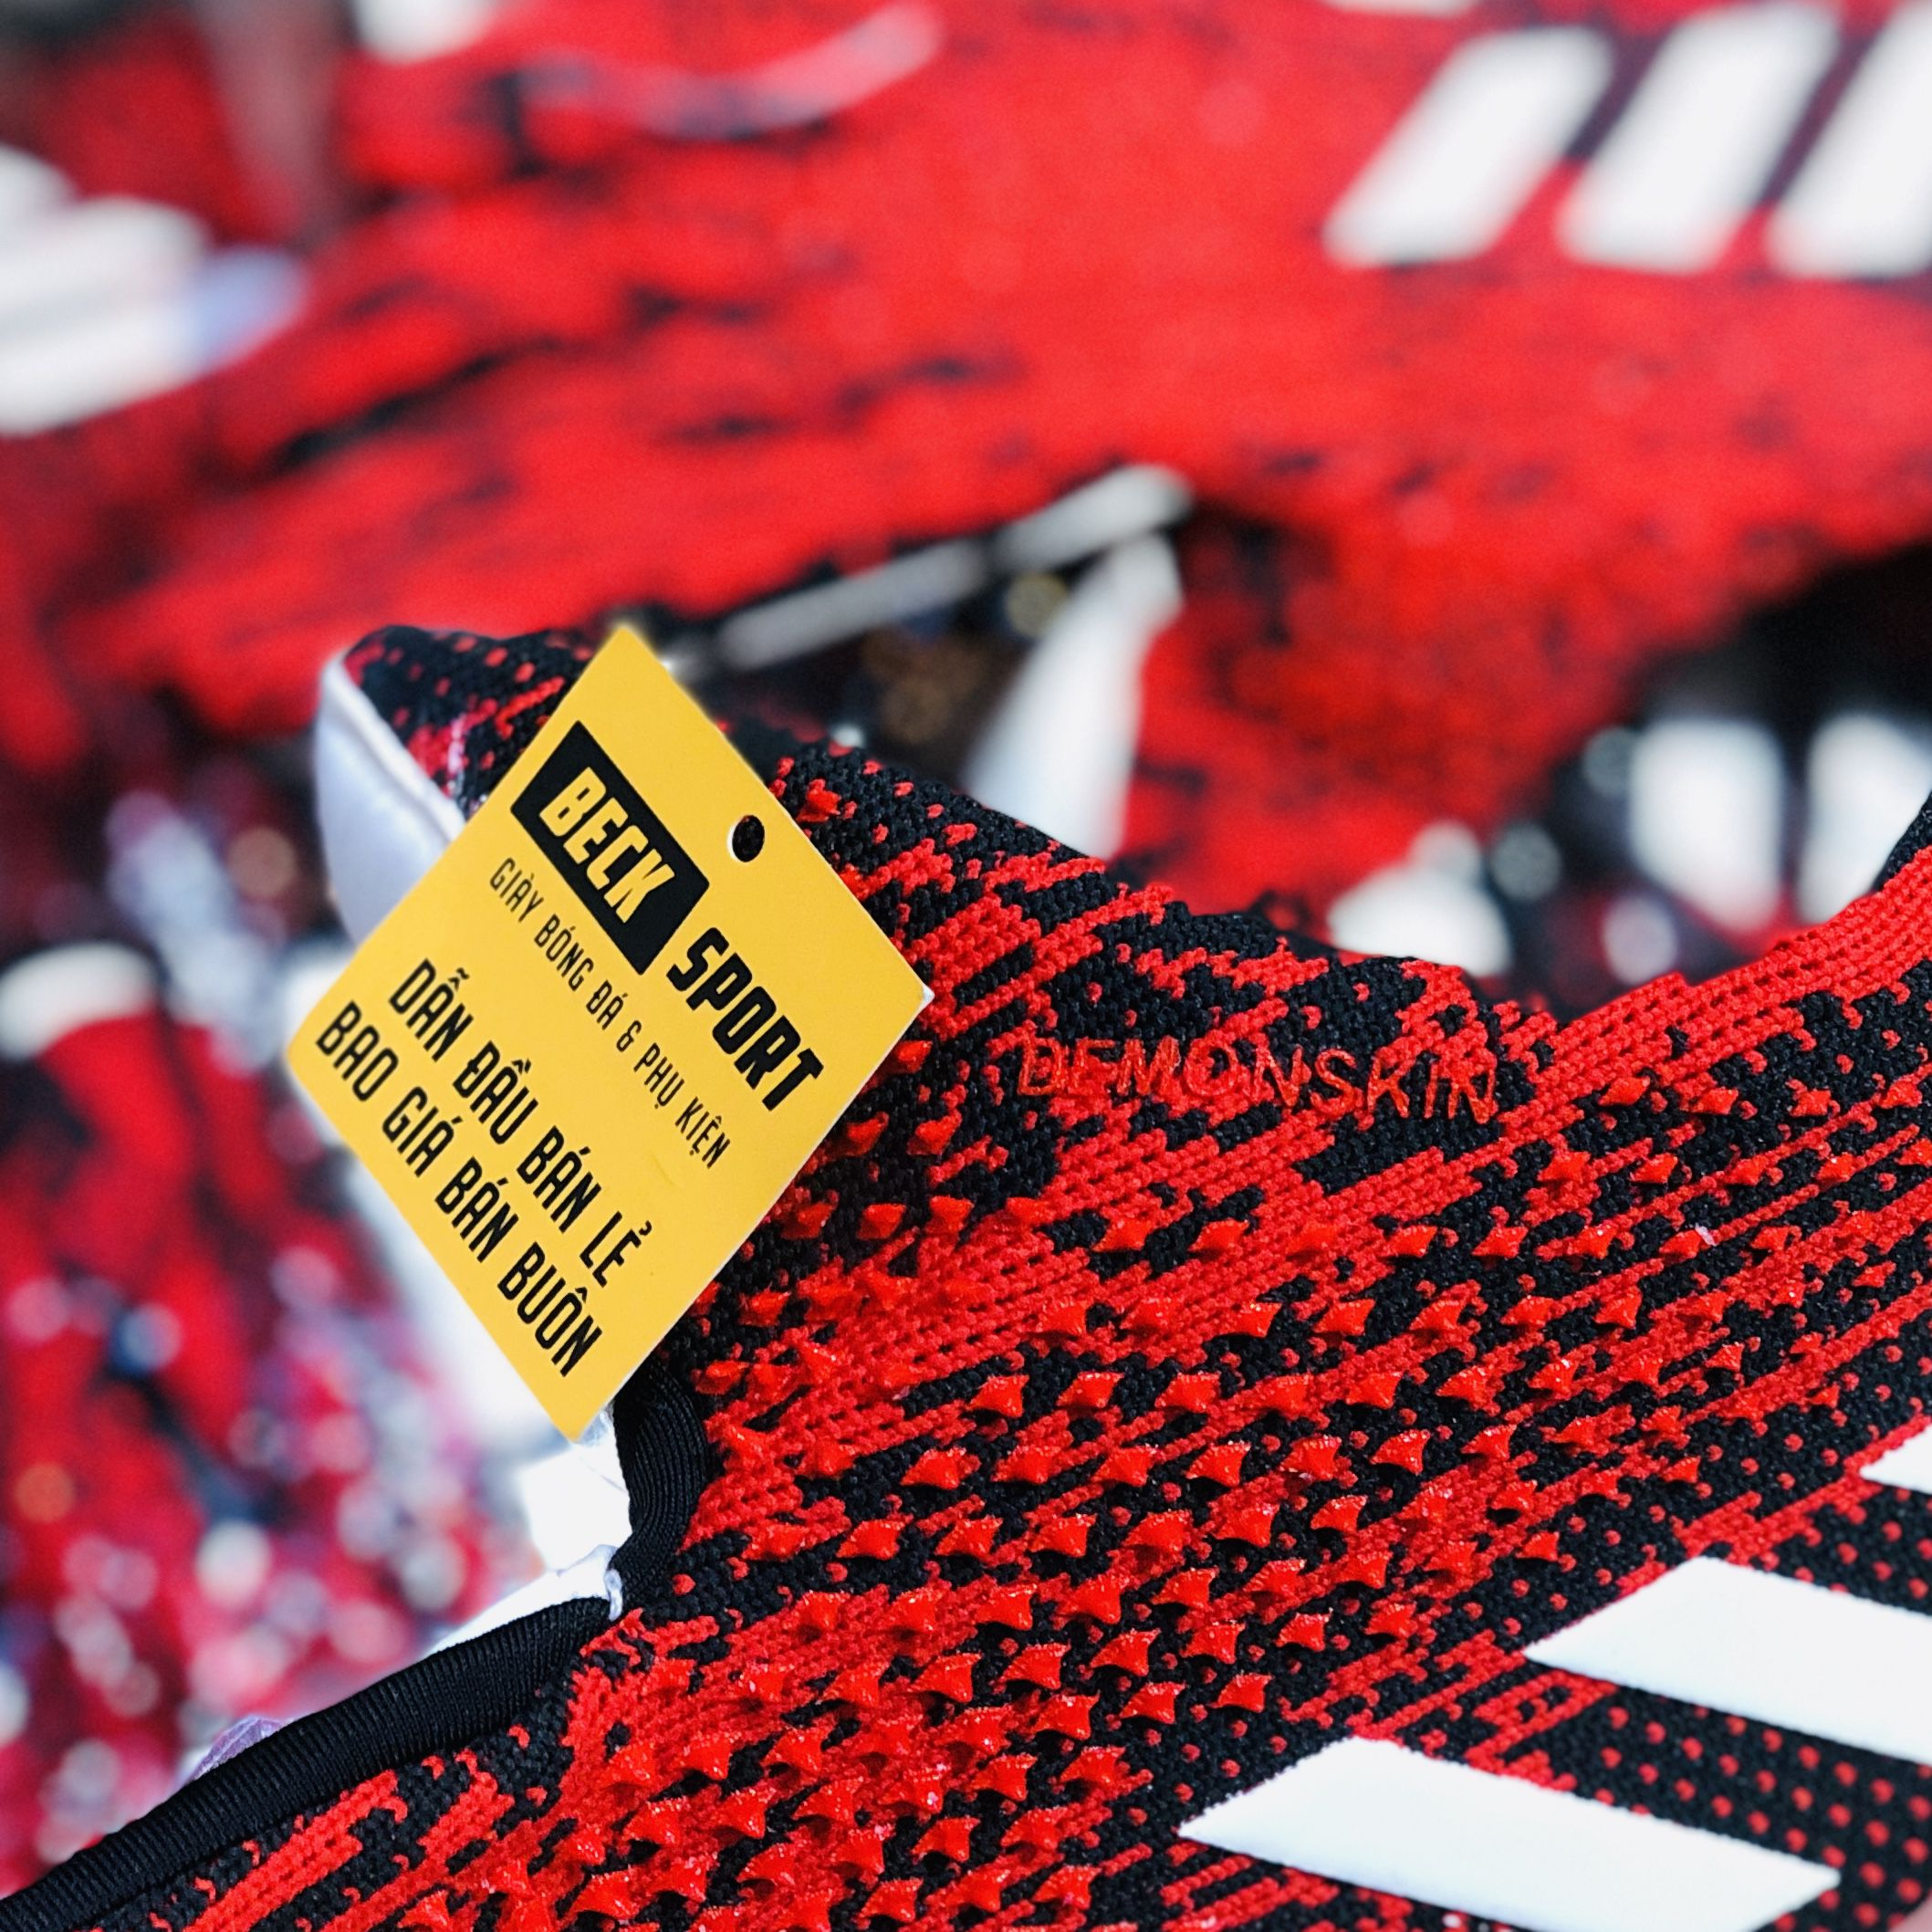 Găng Tay Adidas Predator 20 Pro PC Mutator Đen Đỏ Vạch Trắng Loại 1 ( Không Xương )